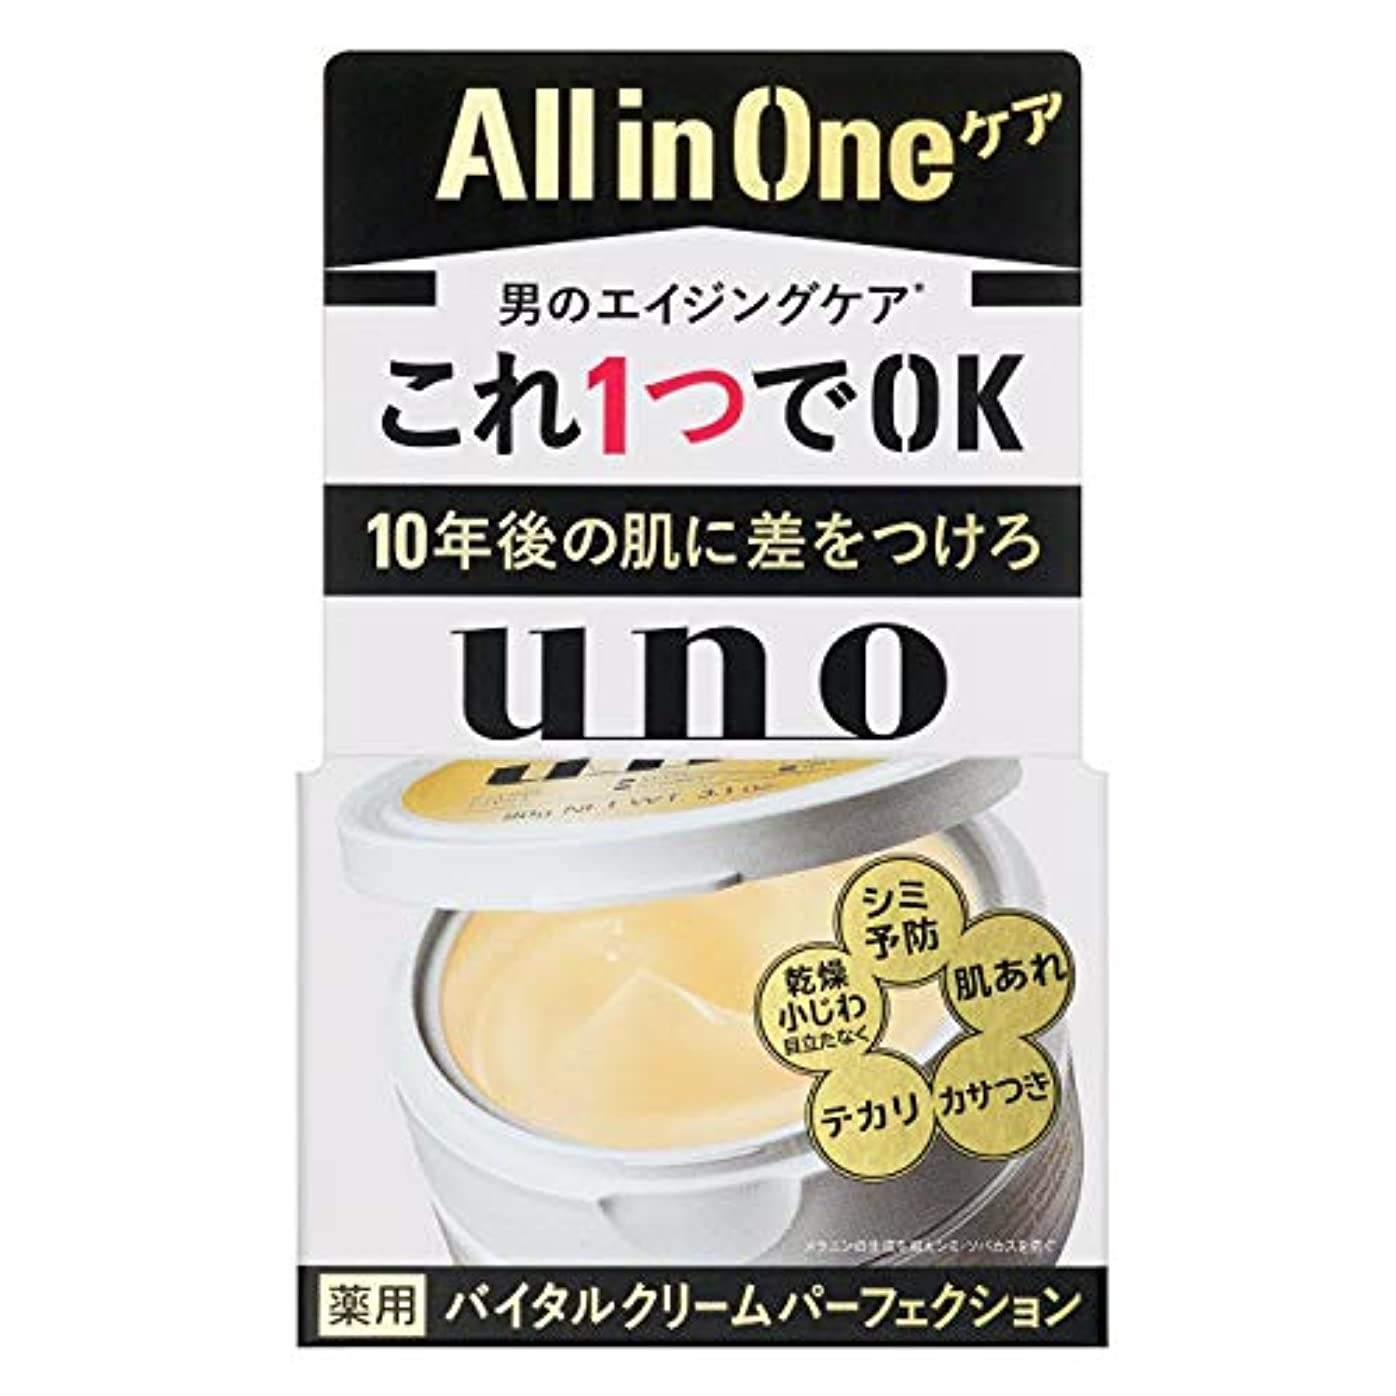 文芸勤勉な形状UNO(ウーノ) ウーノ バイタルクリームパーフェクション 90g オールインワン シトラスグリーンの香り(微香性)